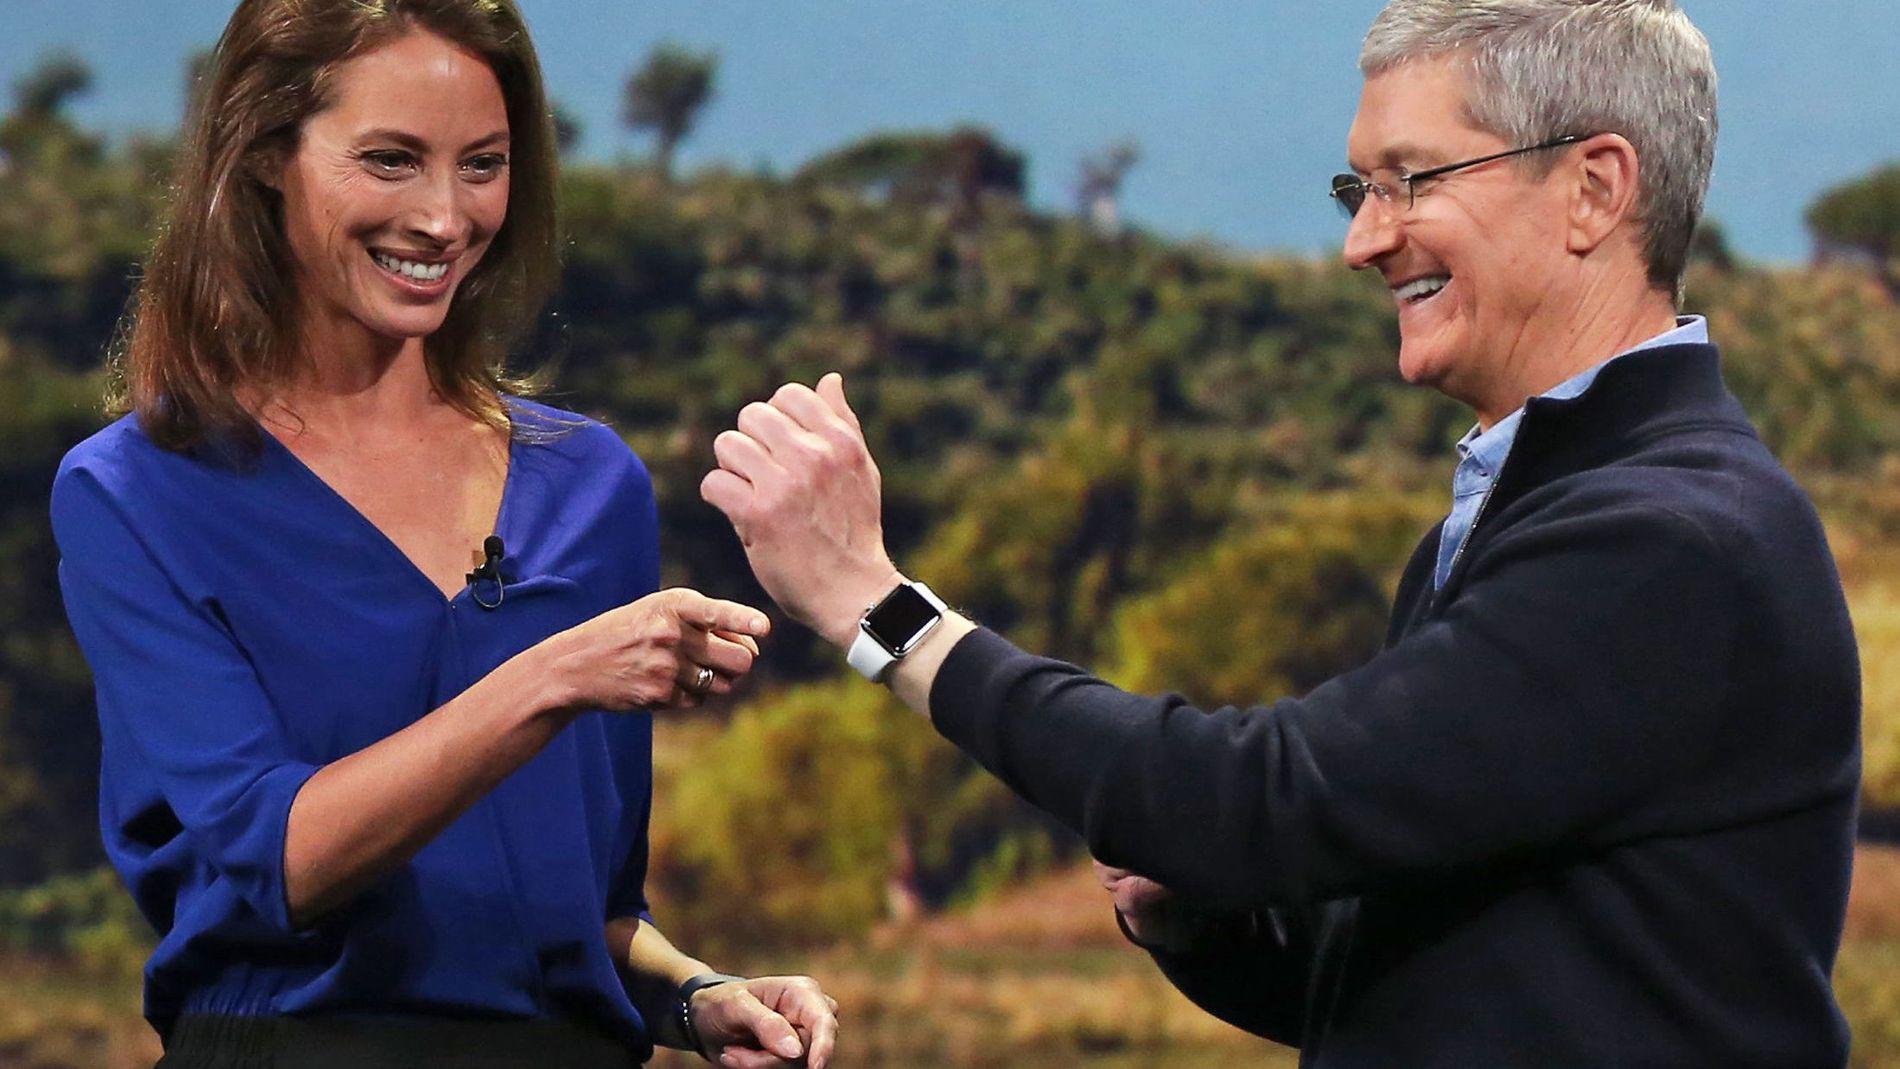 TIKK, TAKK: Apple-sjef Tim Cook får hjelp av modellen Christy Turlington Burns til å ta på en Apple Watch. Suksess for den blir avgjørende for både selskapet og toppsjefen.